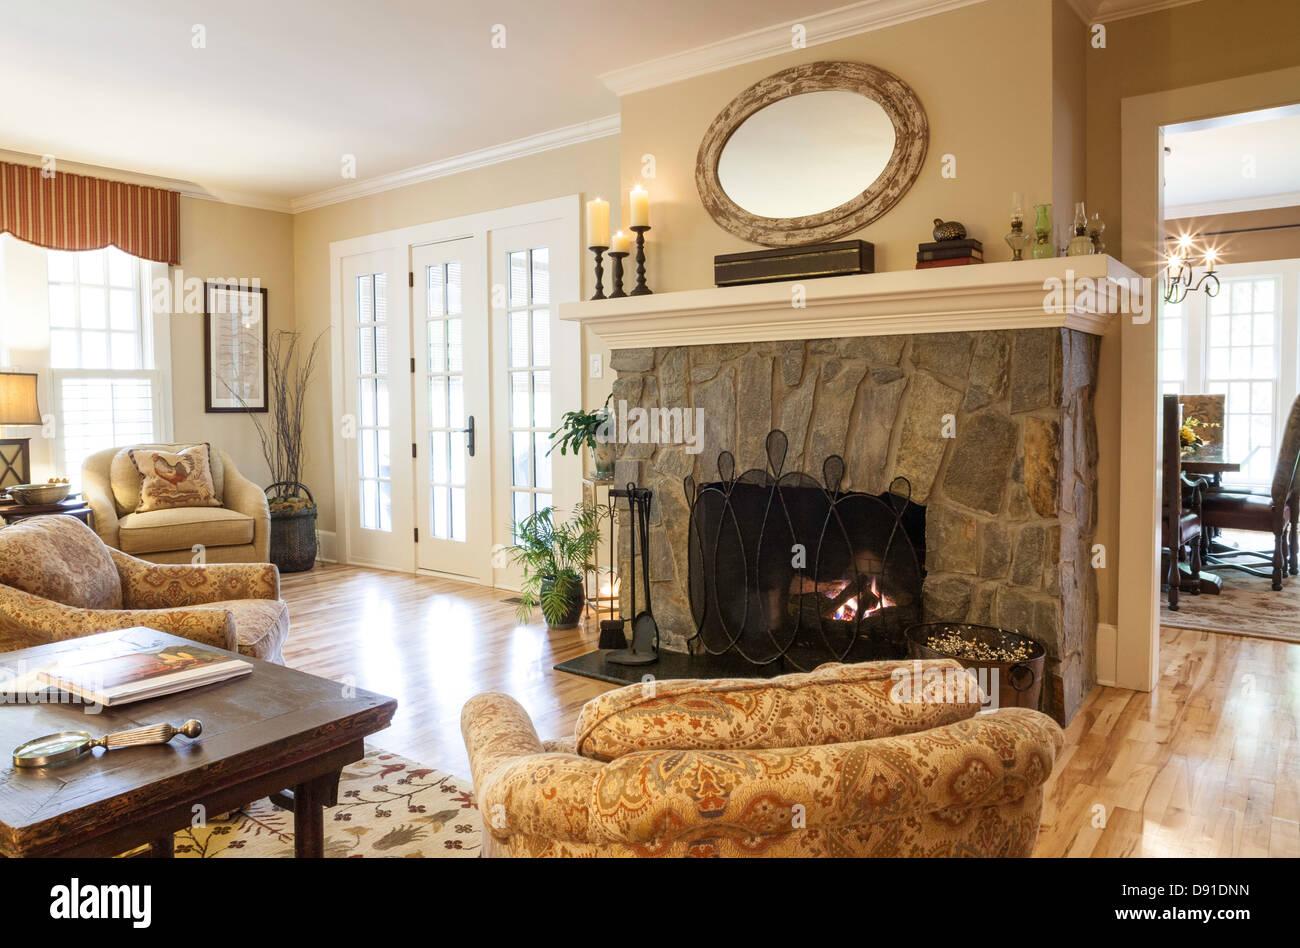 Luxus Showcase Wohn Wohn Esszimmer Mit Kamin Usa Stockfotografie Alamy